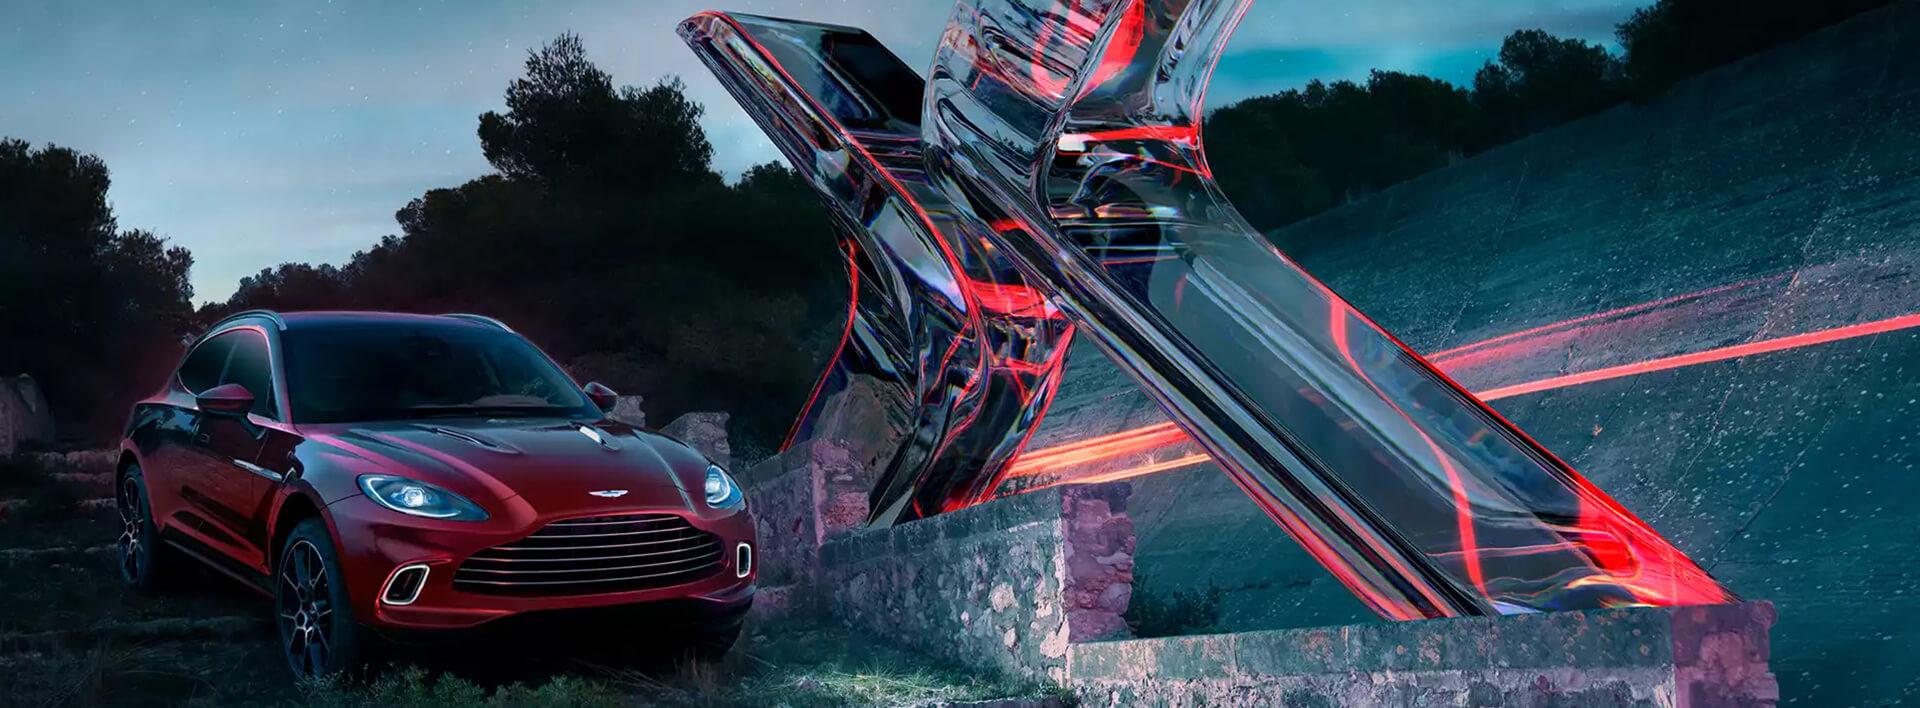 Aston Martin Sydney